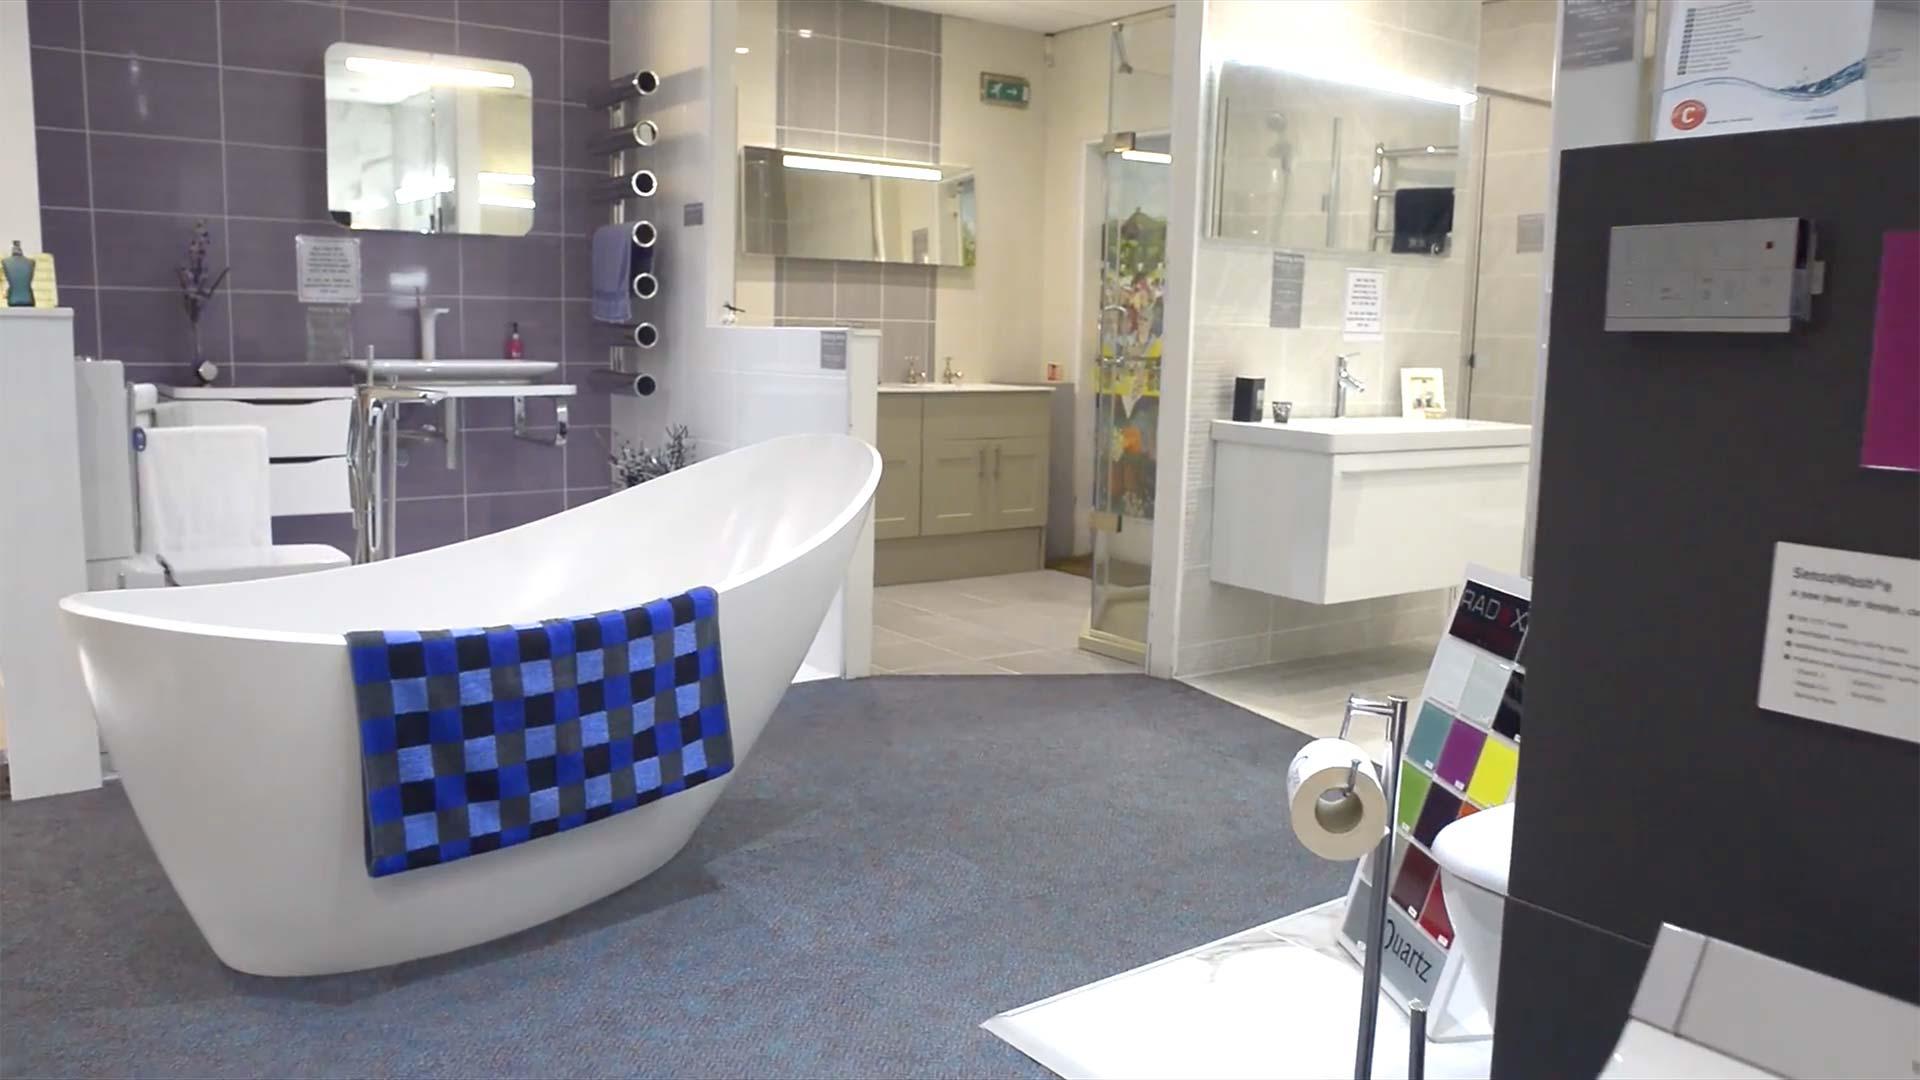 Inside Ocean Bathrooms' Bridport showroom